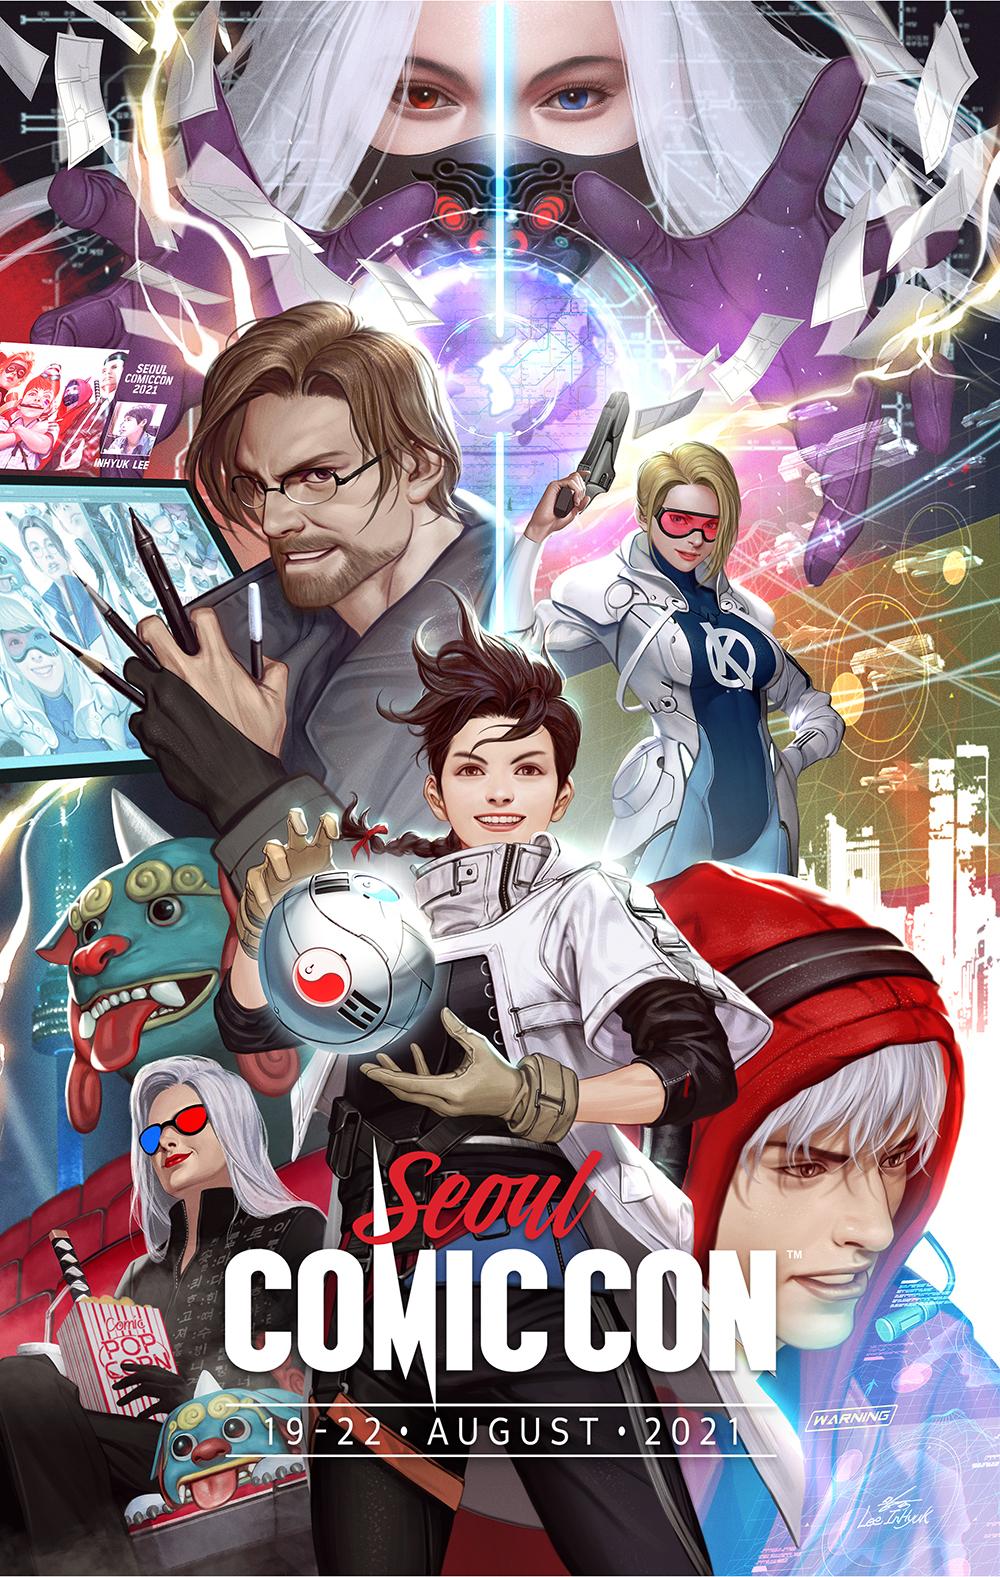 Seoul Comic Con Poster